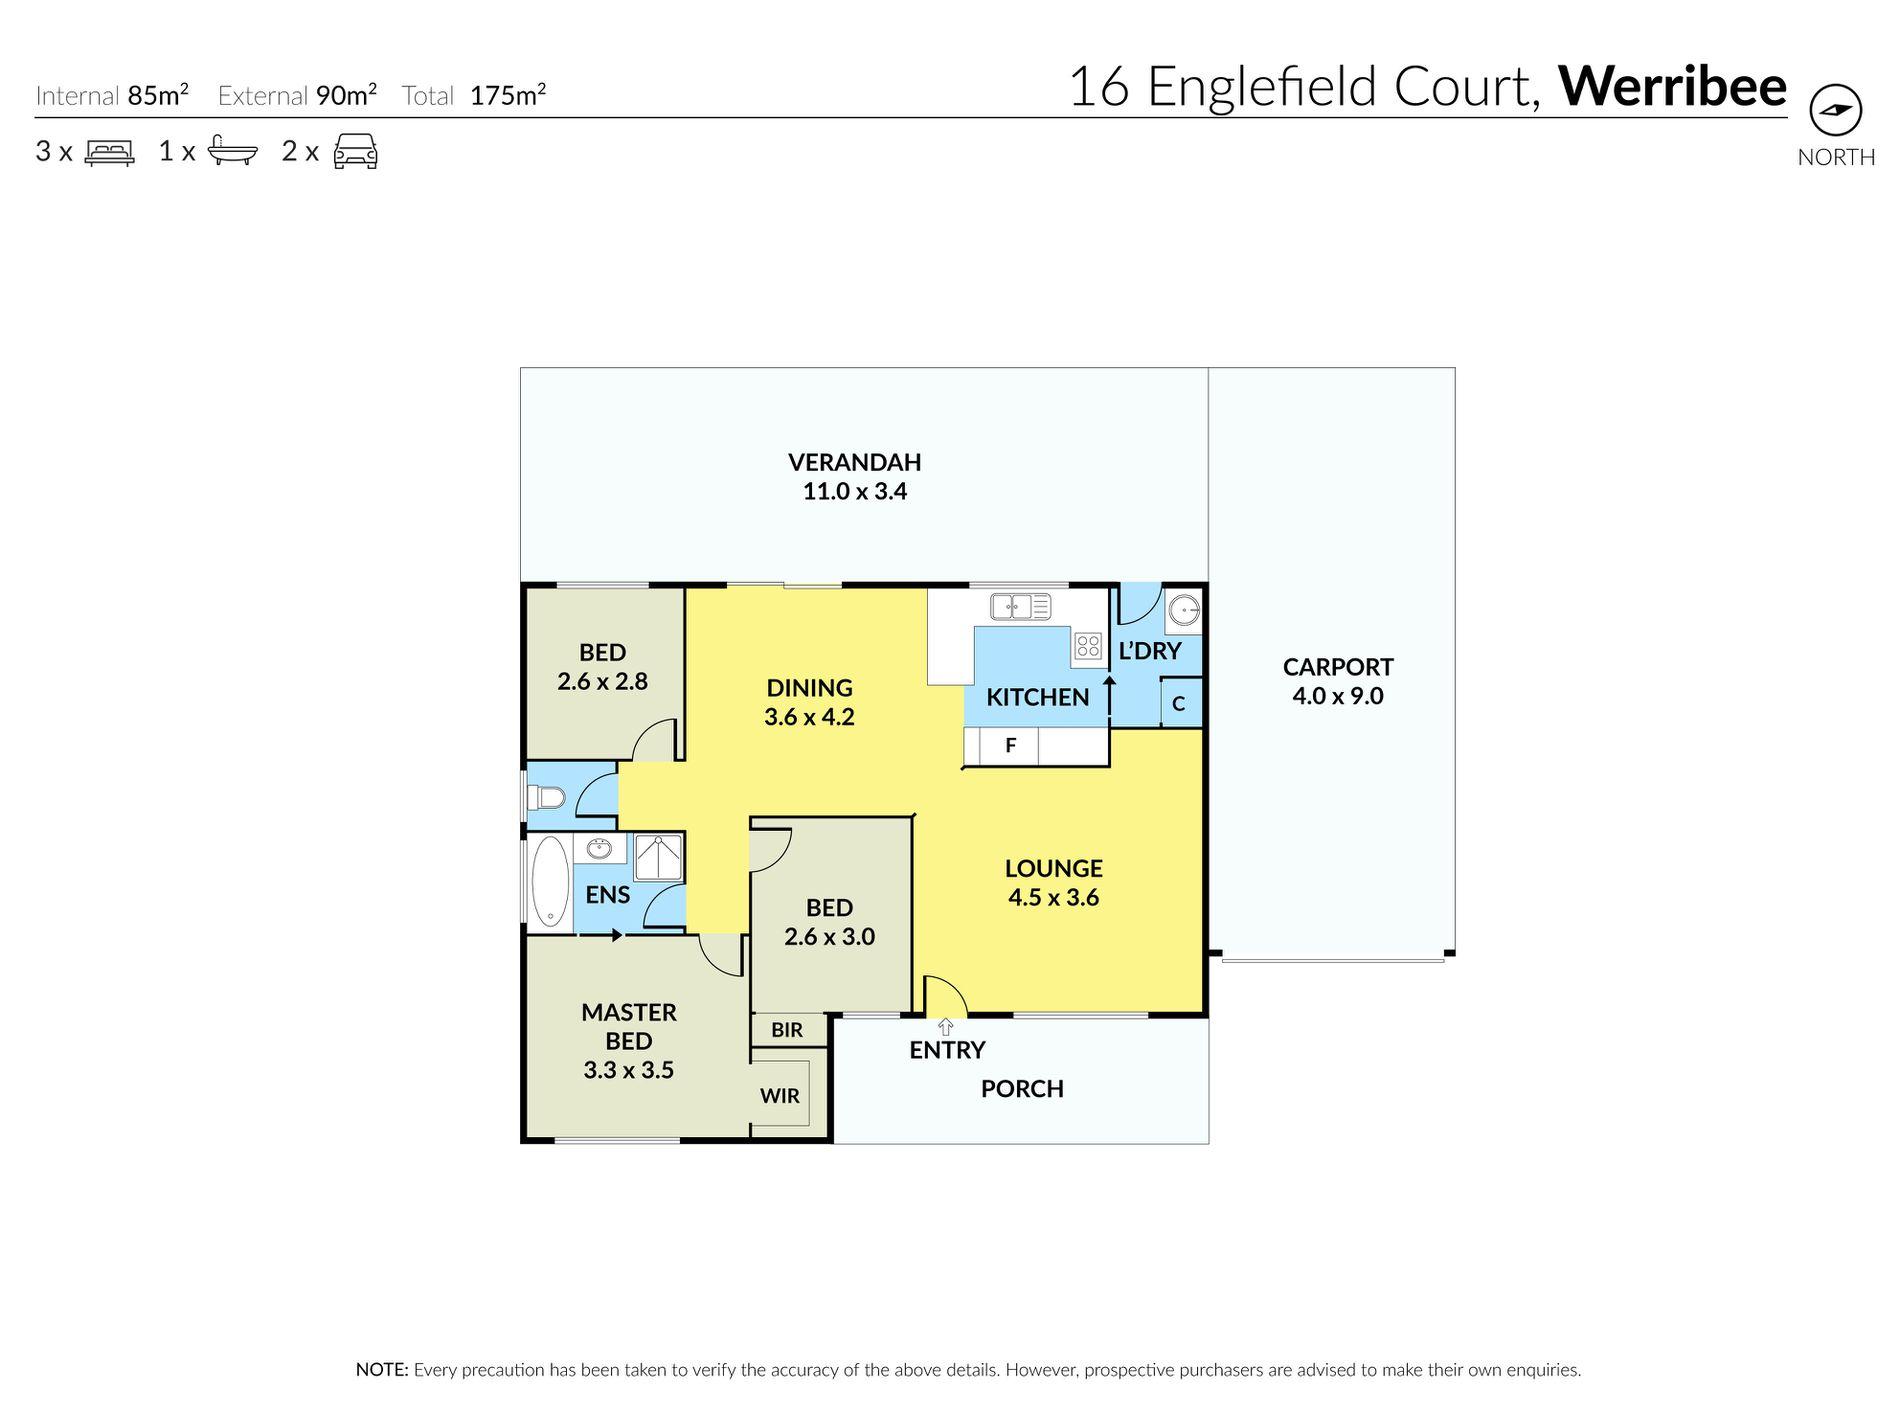 16 Englefield Court, Werribee